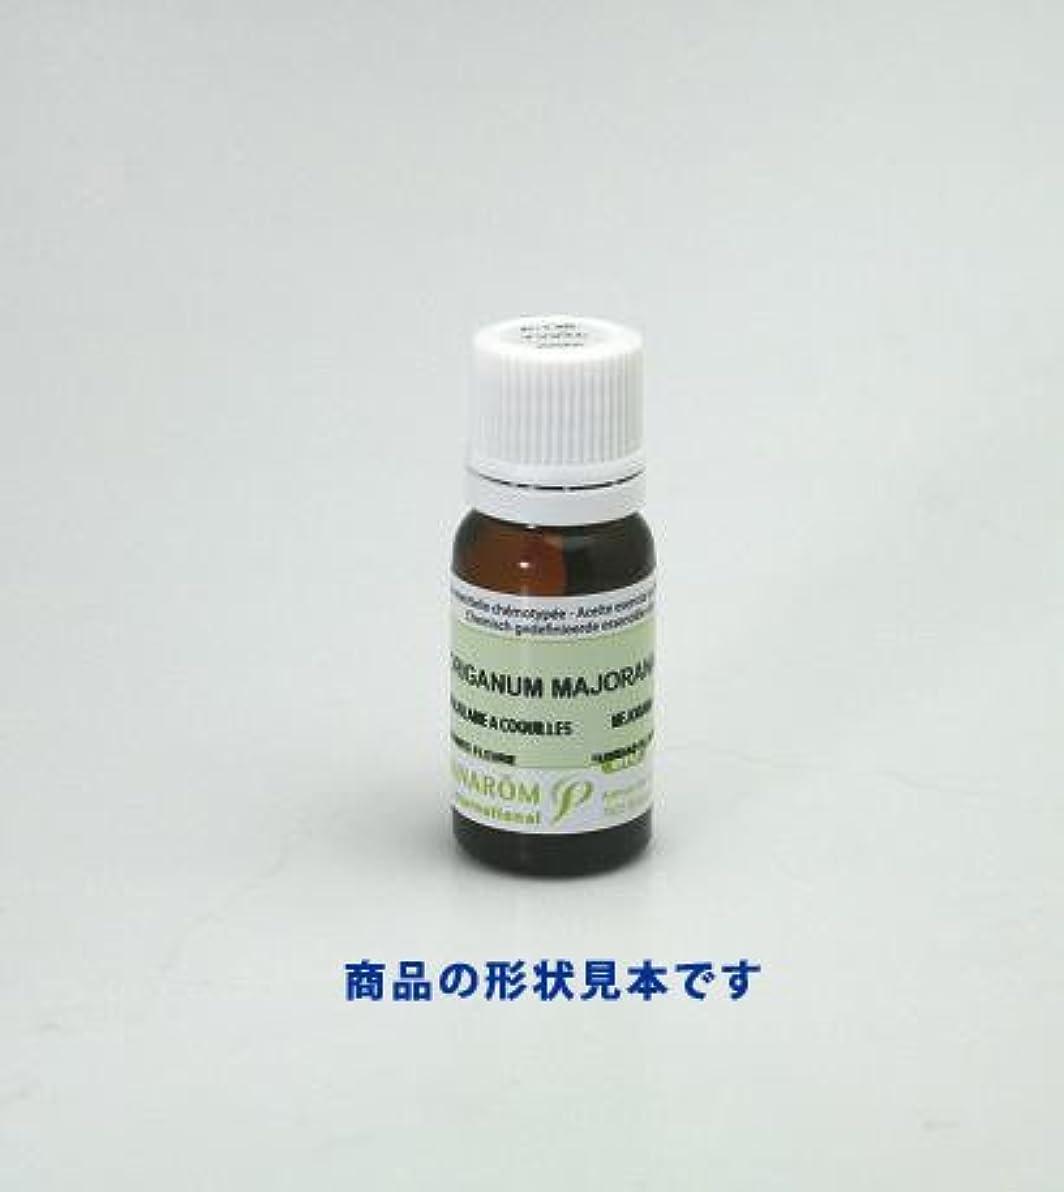 インシュレータ爬虫類ブロッサムプラナロム社製精油:P-109 ティートゥリー(ティートリー)